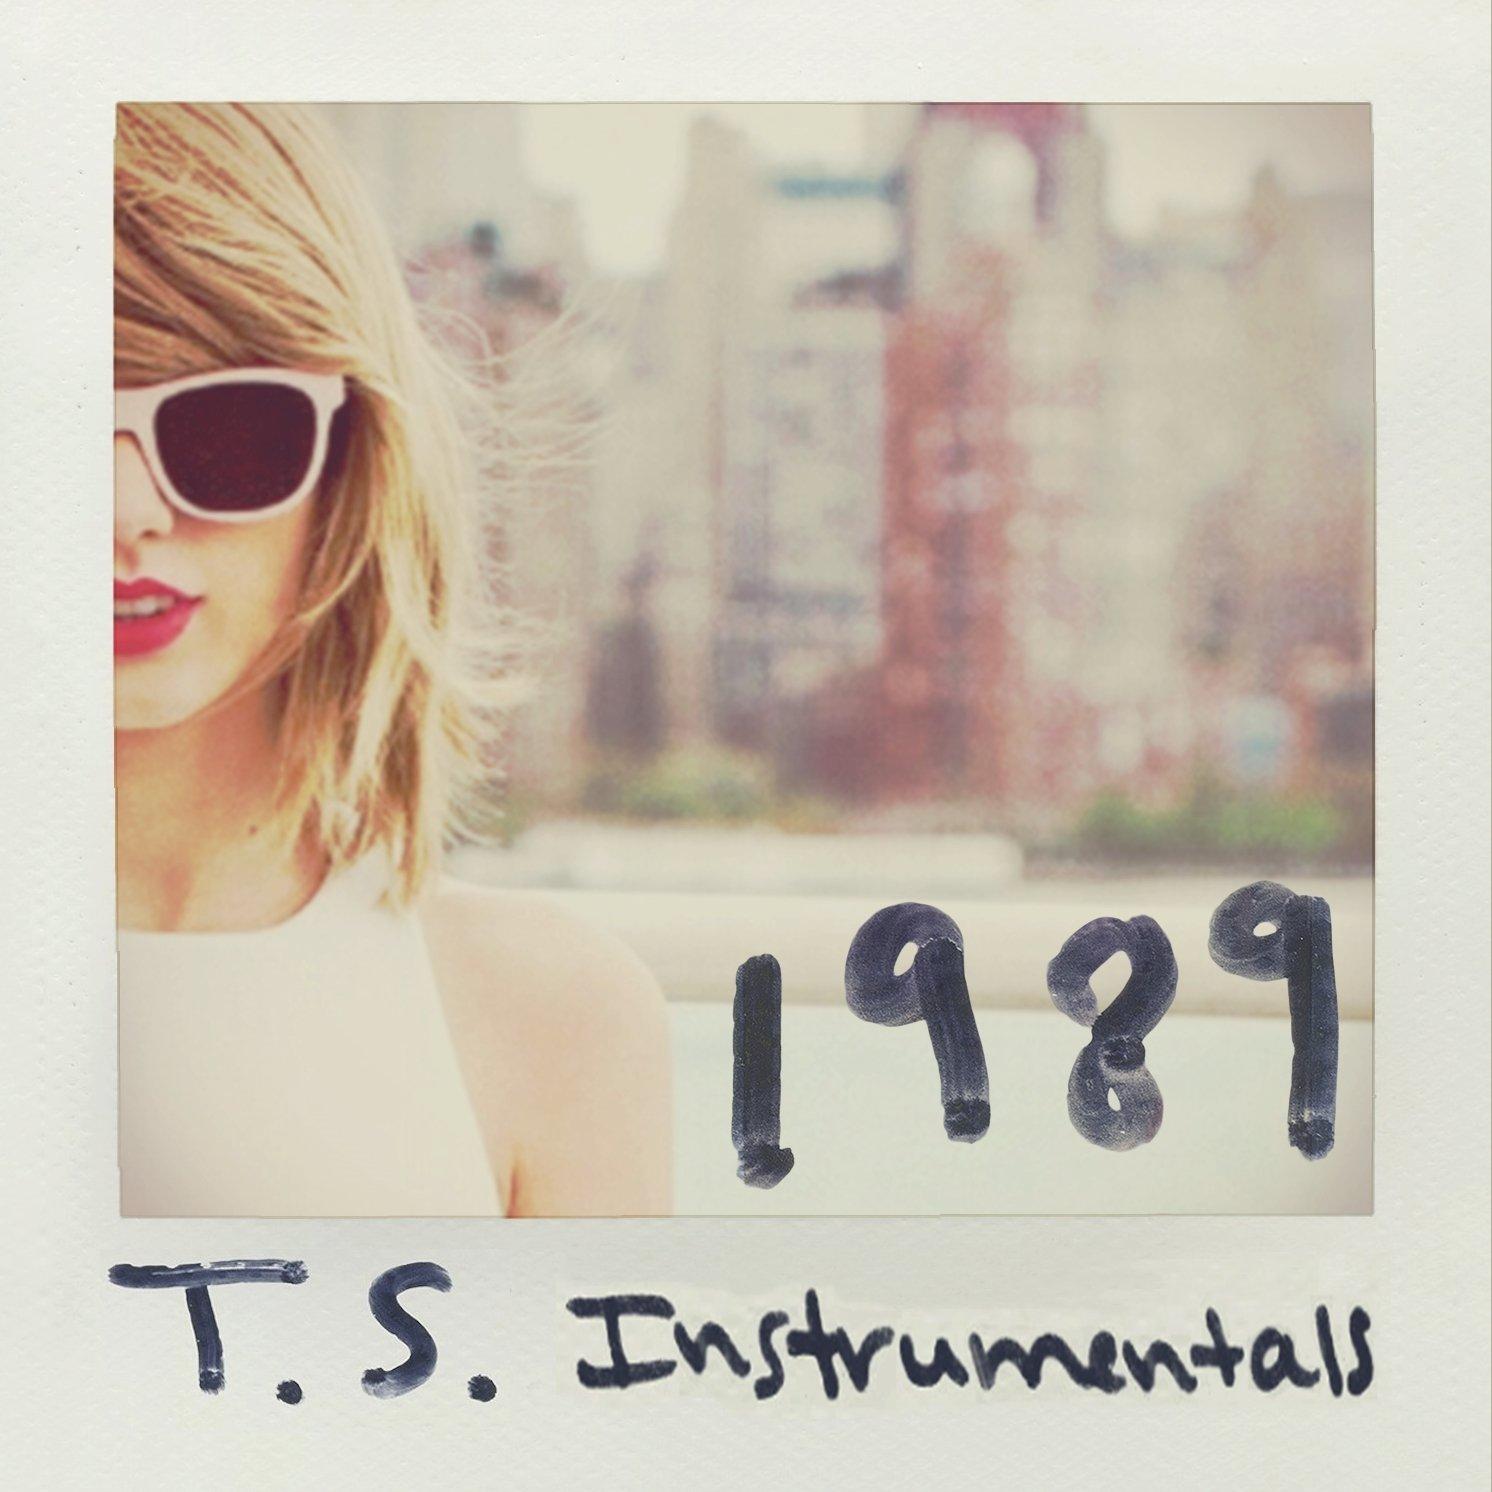 Taylor Swift 1989 Instrumentals By Sadbchx On Deviantart